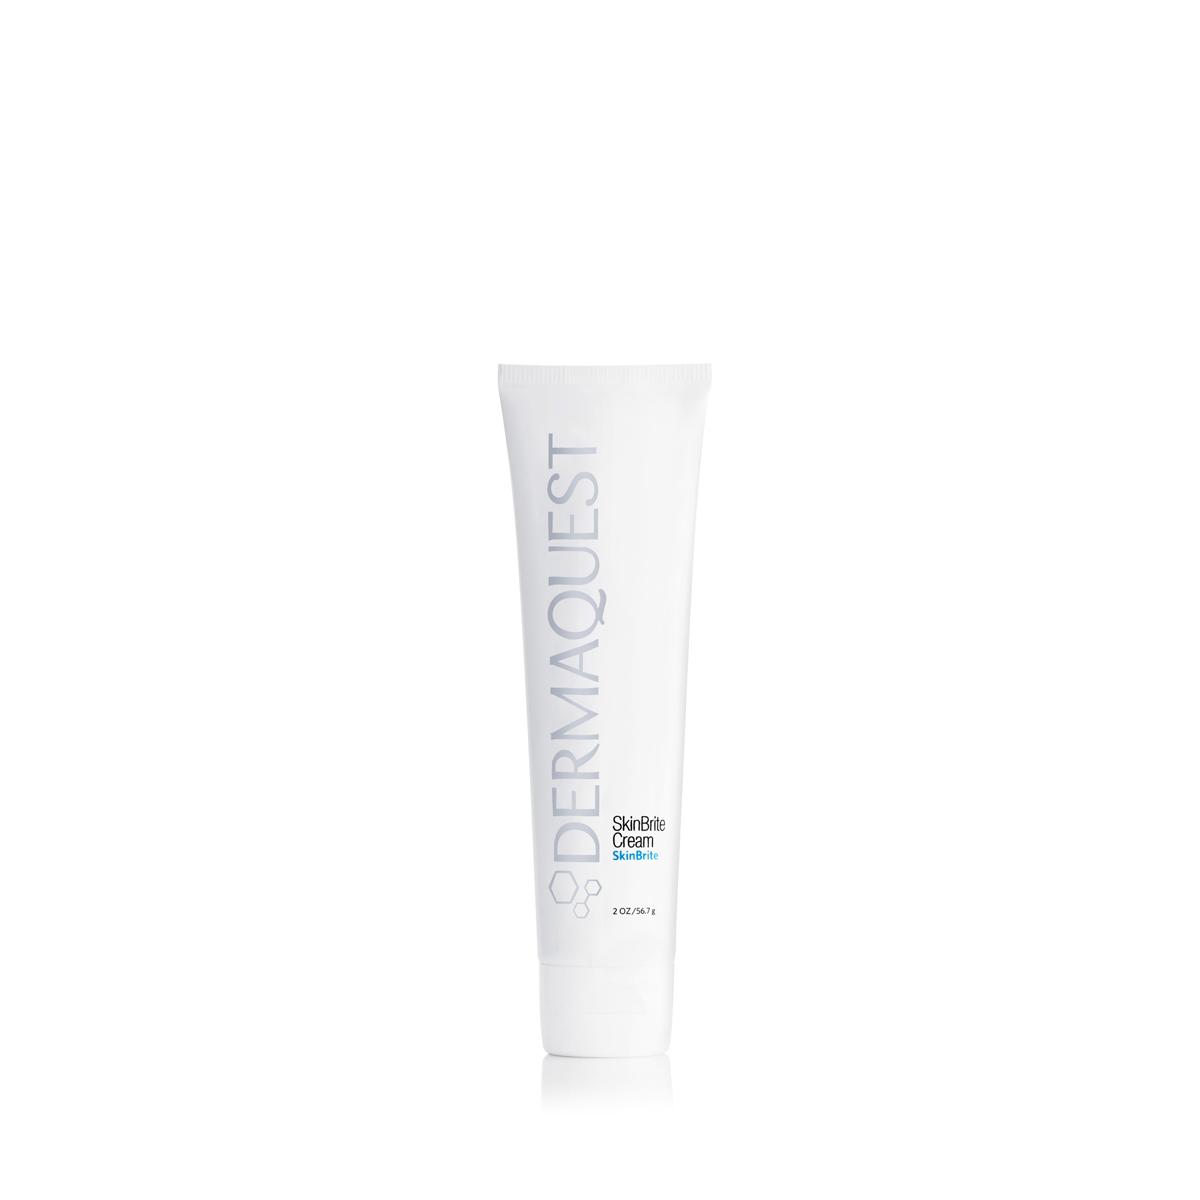 Skinbrite Cream – Skinbrite